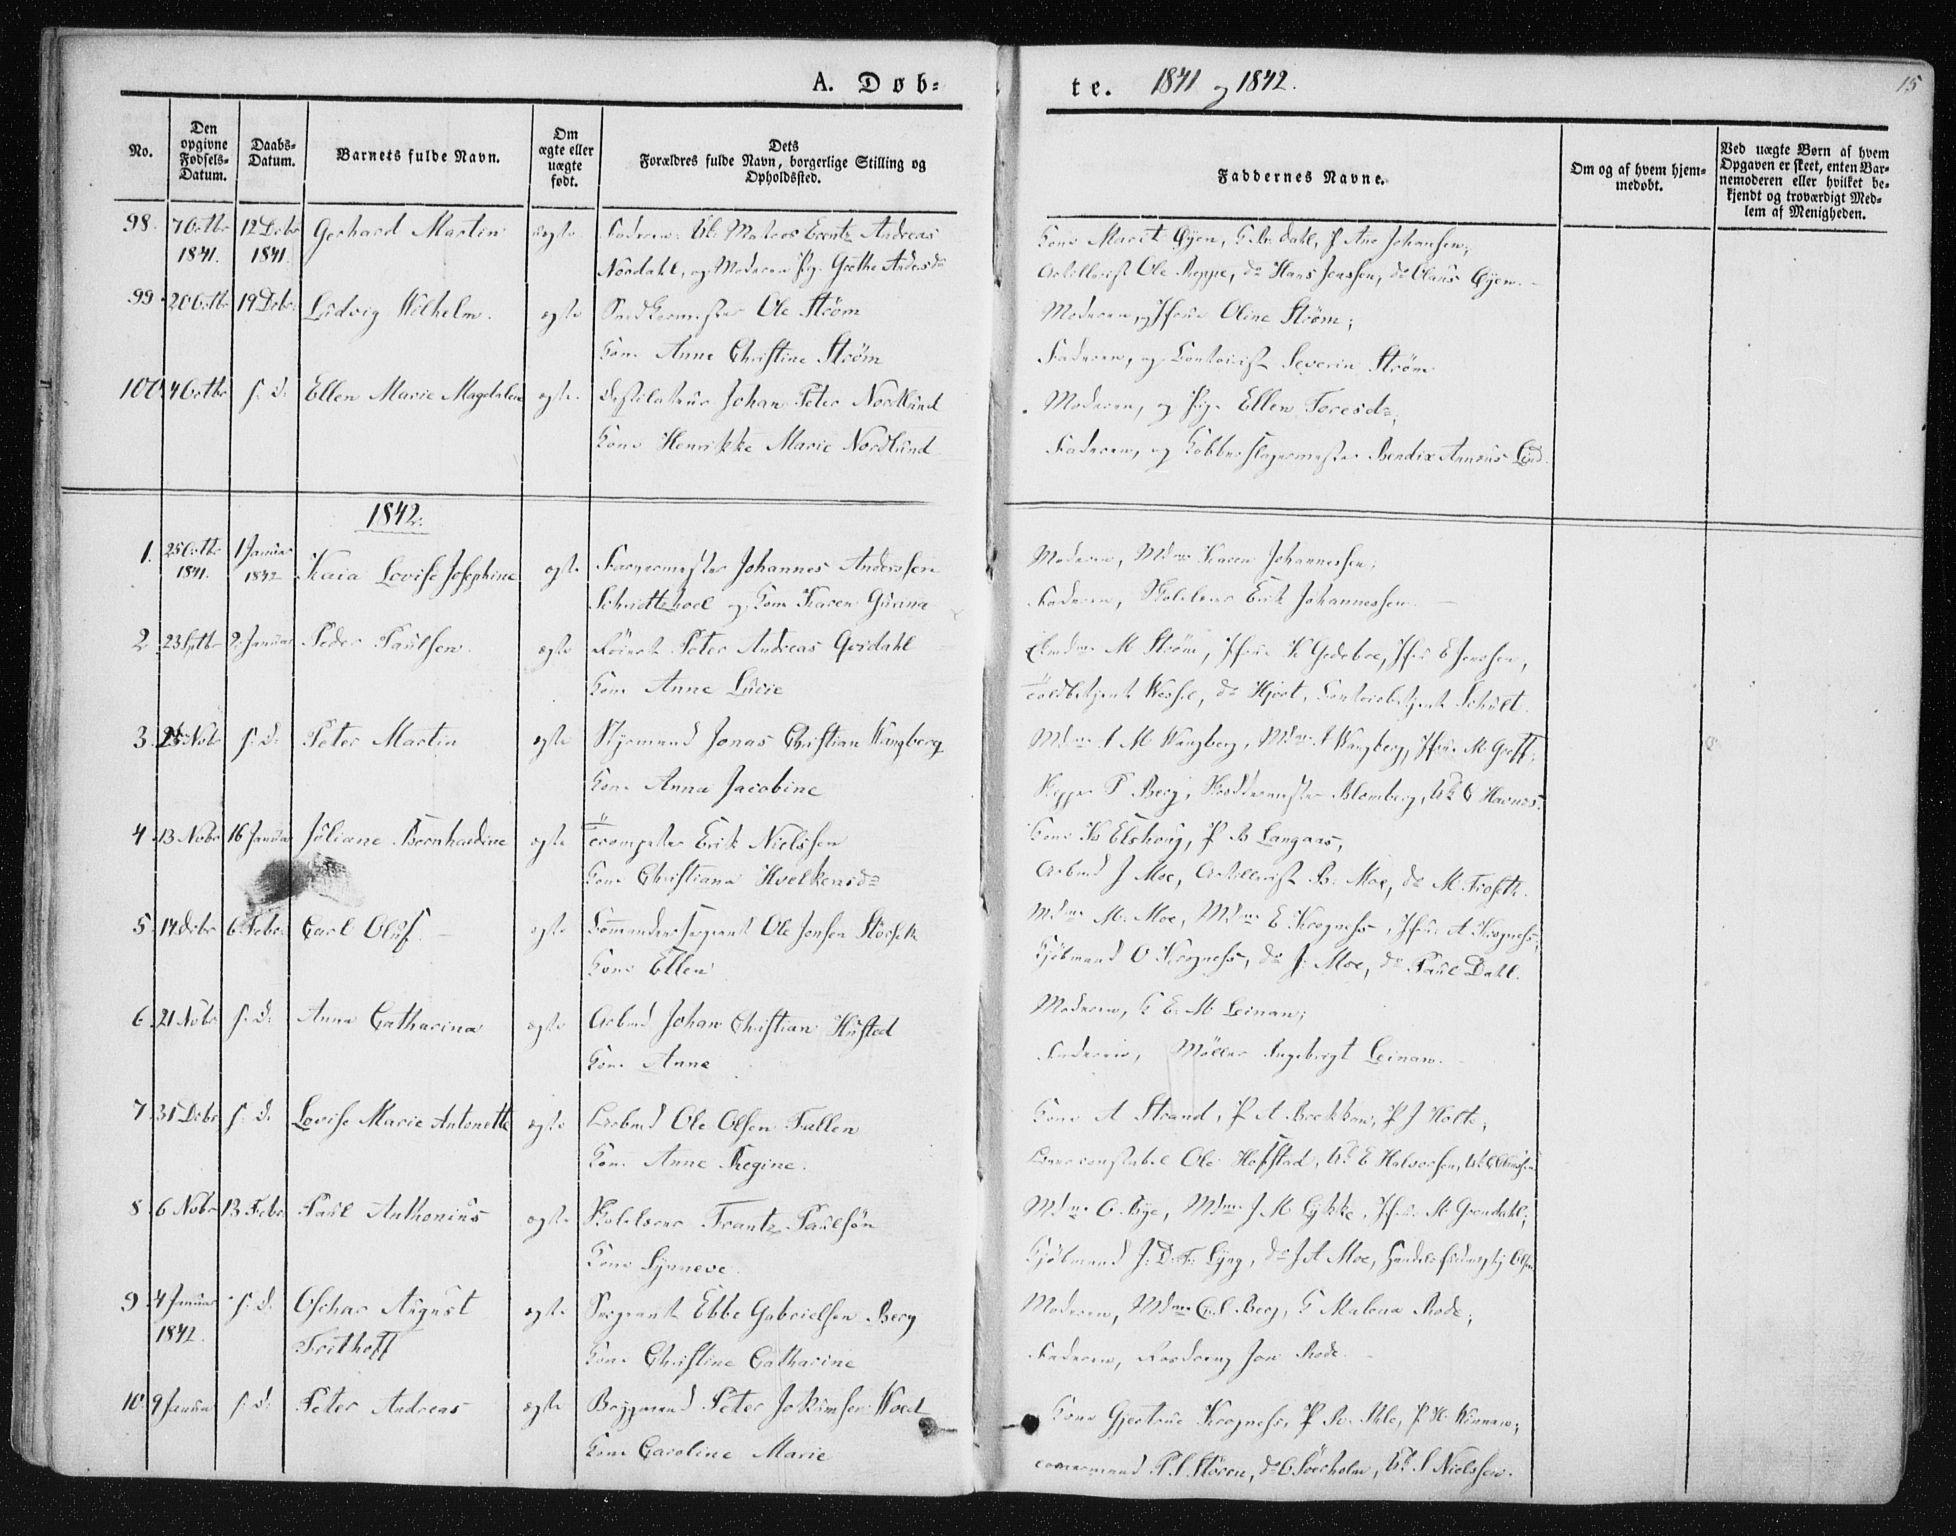 SAT, Ministerialprotokoller, klokkerbøker og fødselsregistre - Sør-Trøndelag, 602/L0110: Ministerialbok nr. 602A08, 1840-1854, s. 15